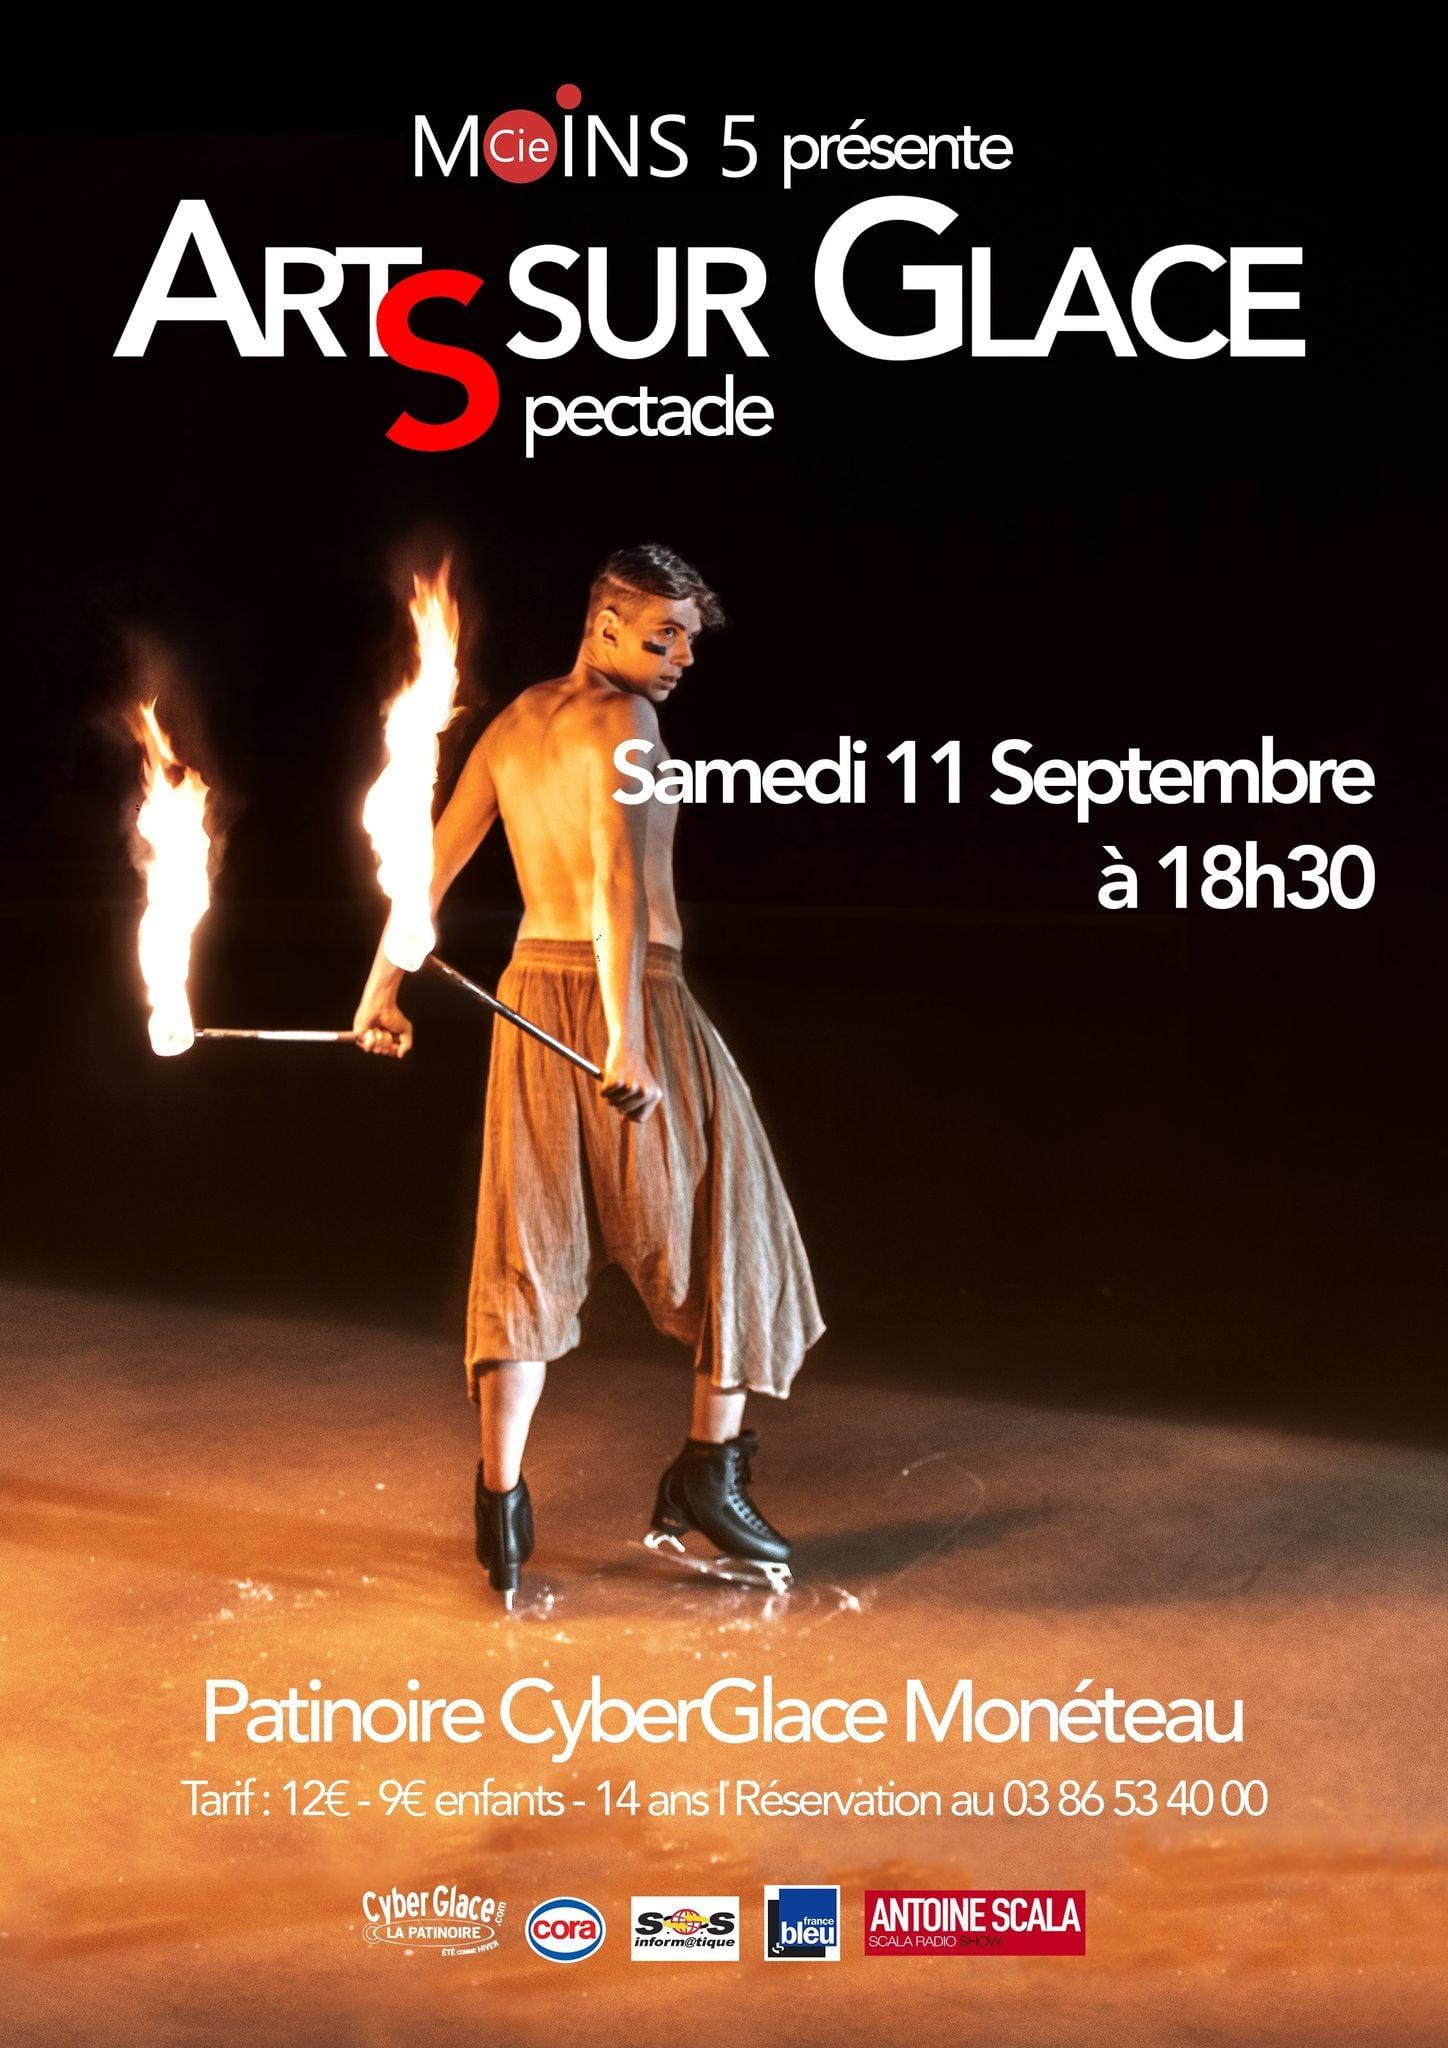 Art Sur Glace. (c) Tanguy Lepage.